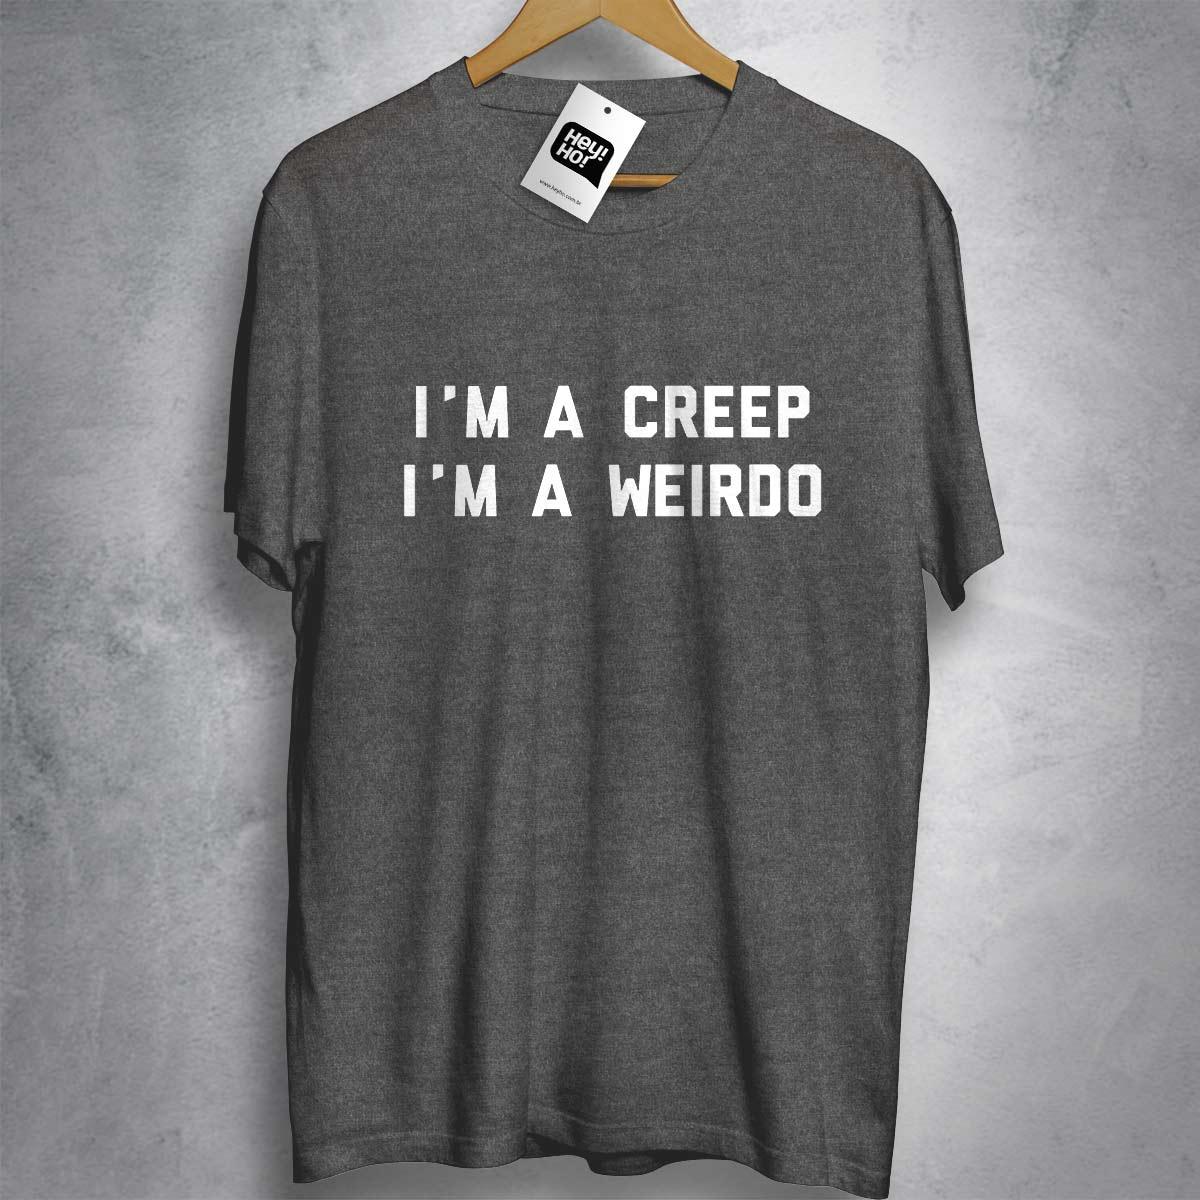 RADIOHEAD - I'm a creep I'm a weirdo